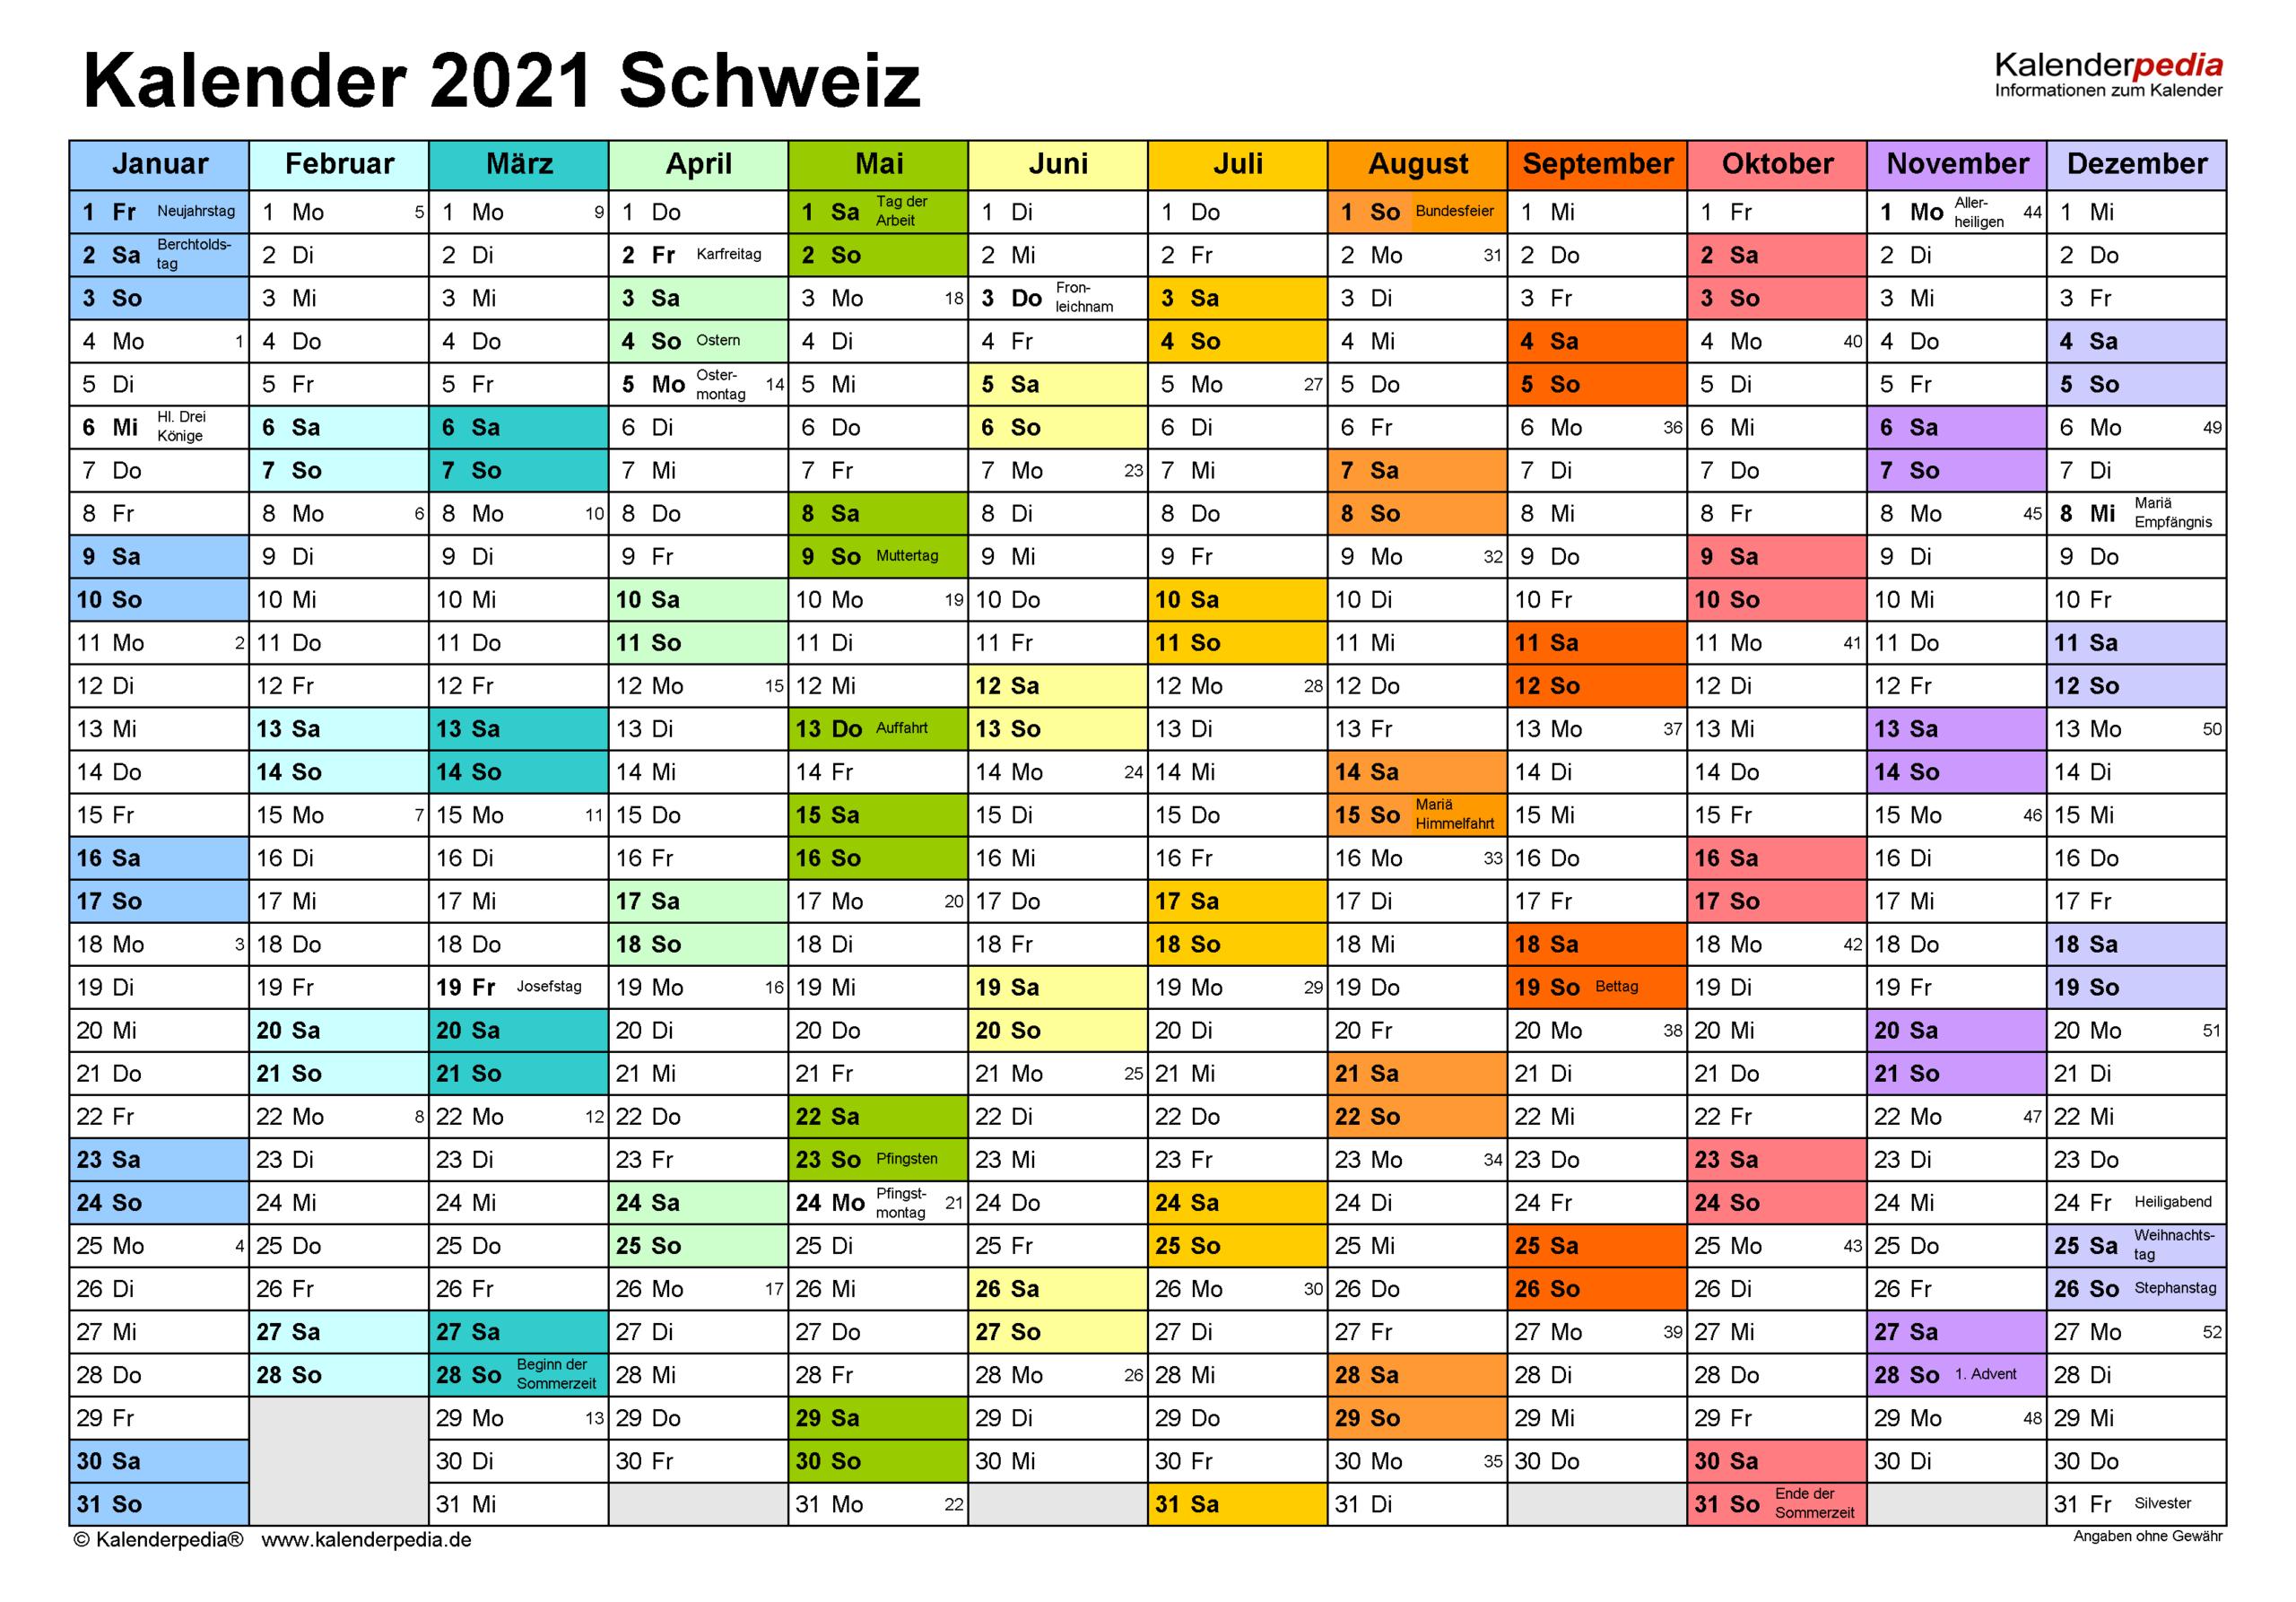 Kalender 2021 Schweiz Zum Ausdrucken Als Pdf